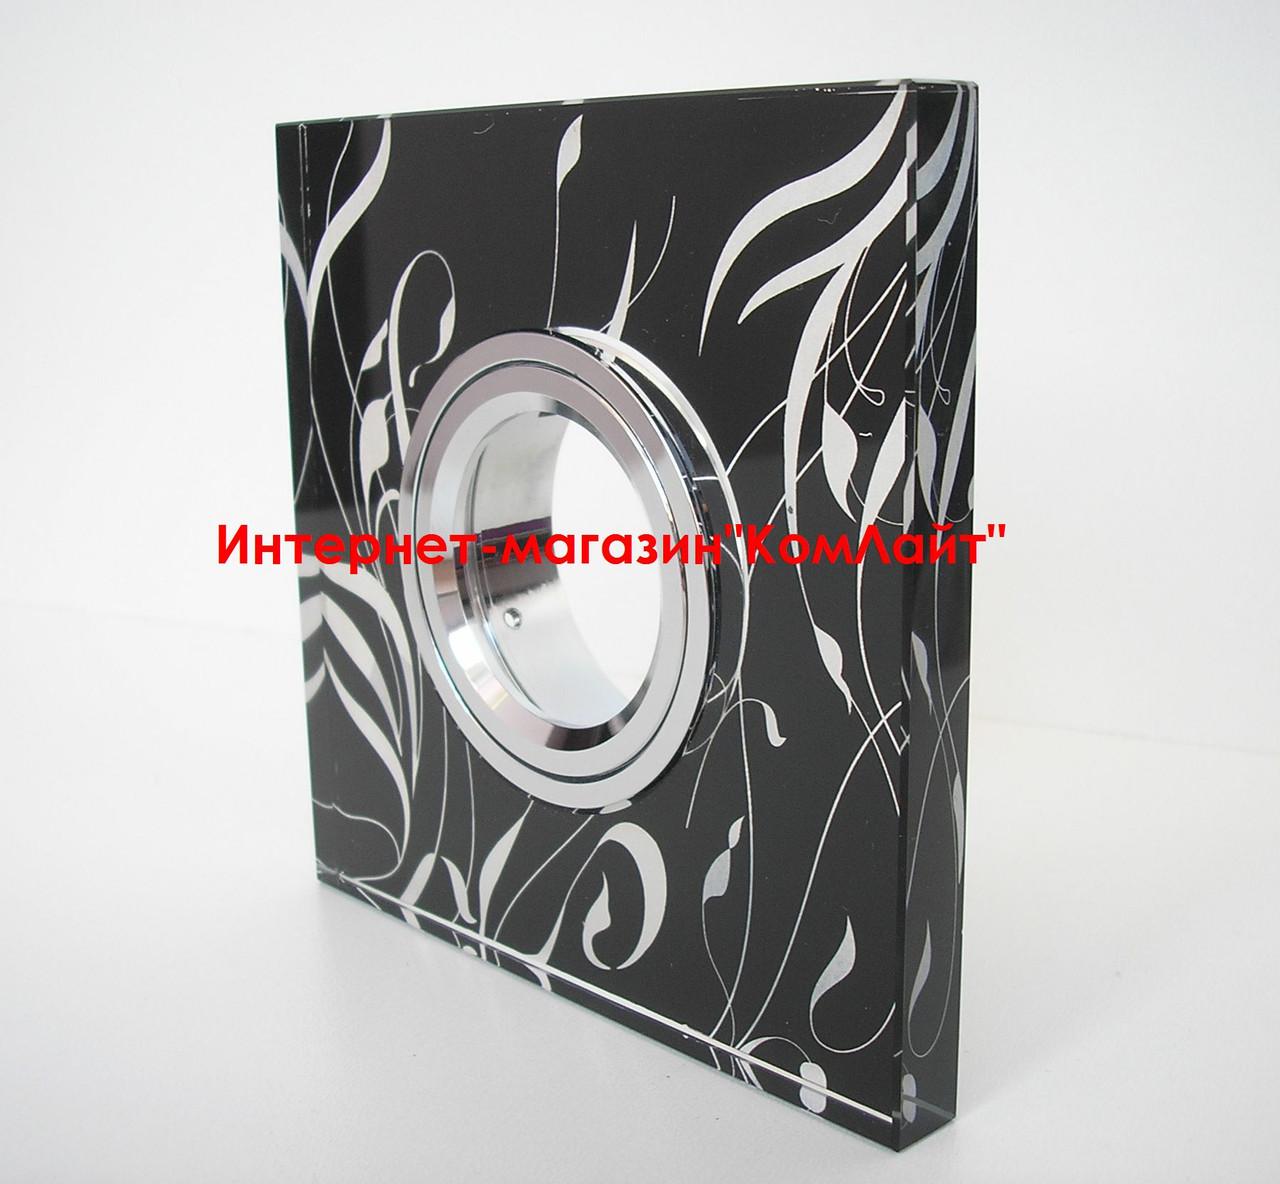 Точечный светильник встраиваемый CTC-F 2416 цвет черный + серебро